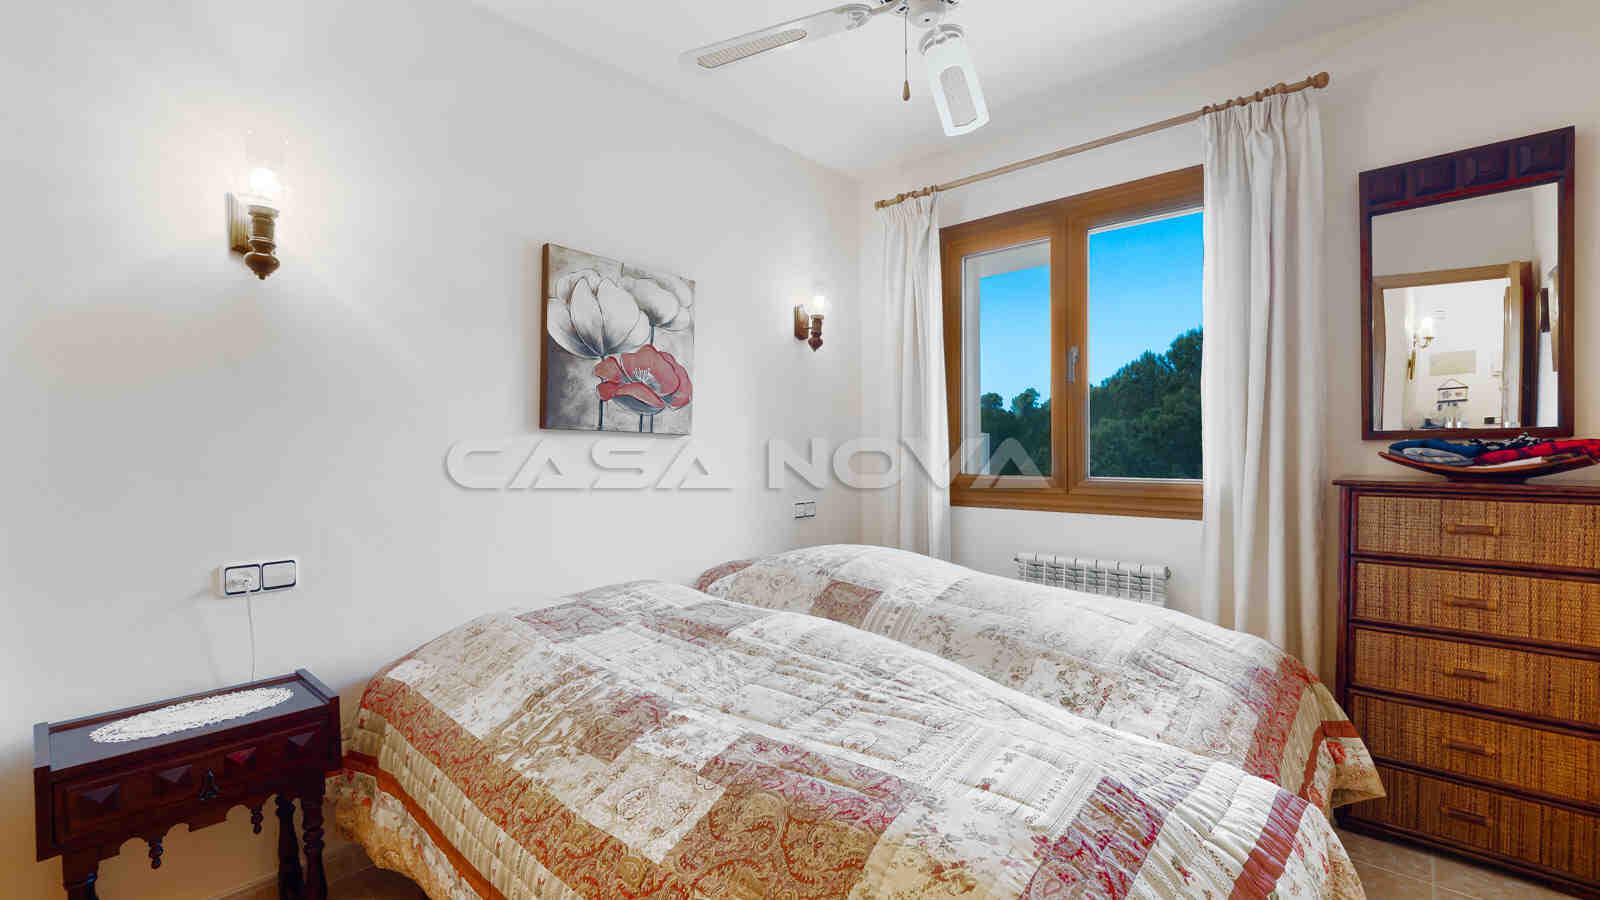 Herrliches Schlafzimmer mit Einbauschränken